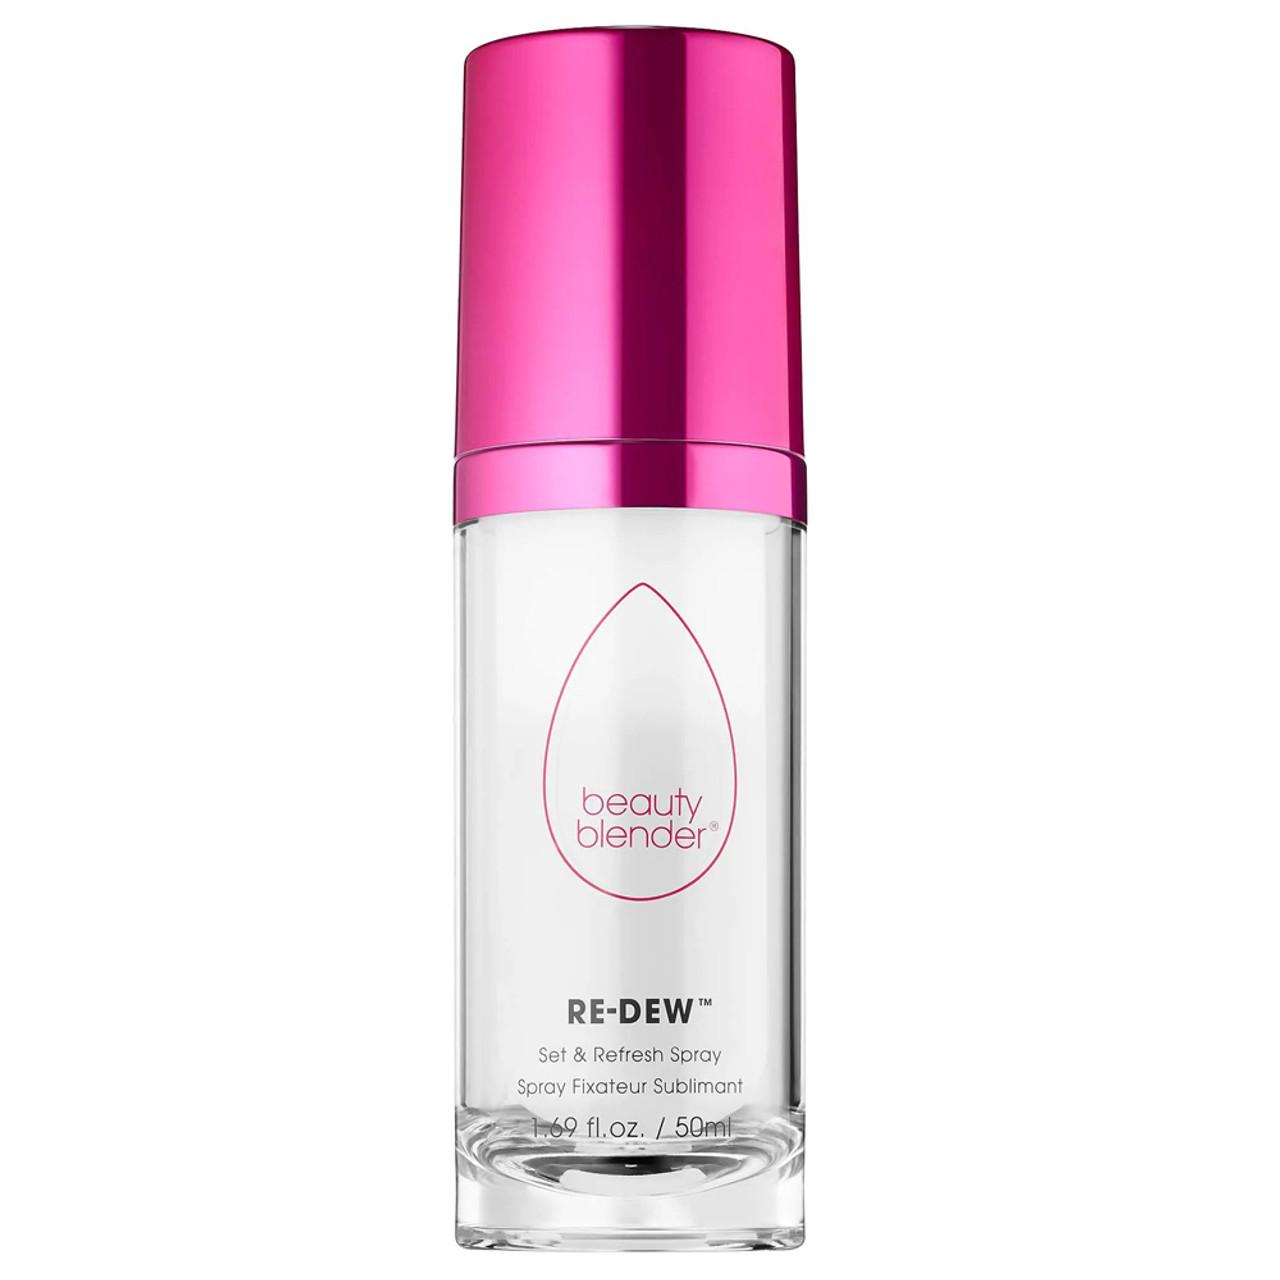 beautyblender Re-Dew Set & Refresh Spray BeautifiedYou.com